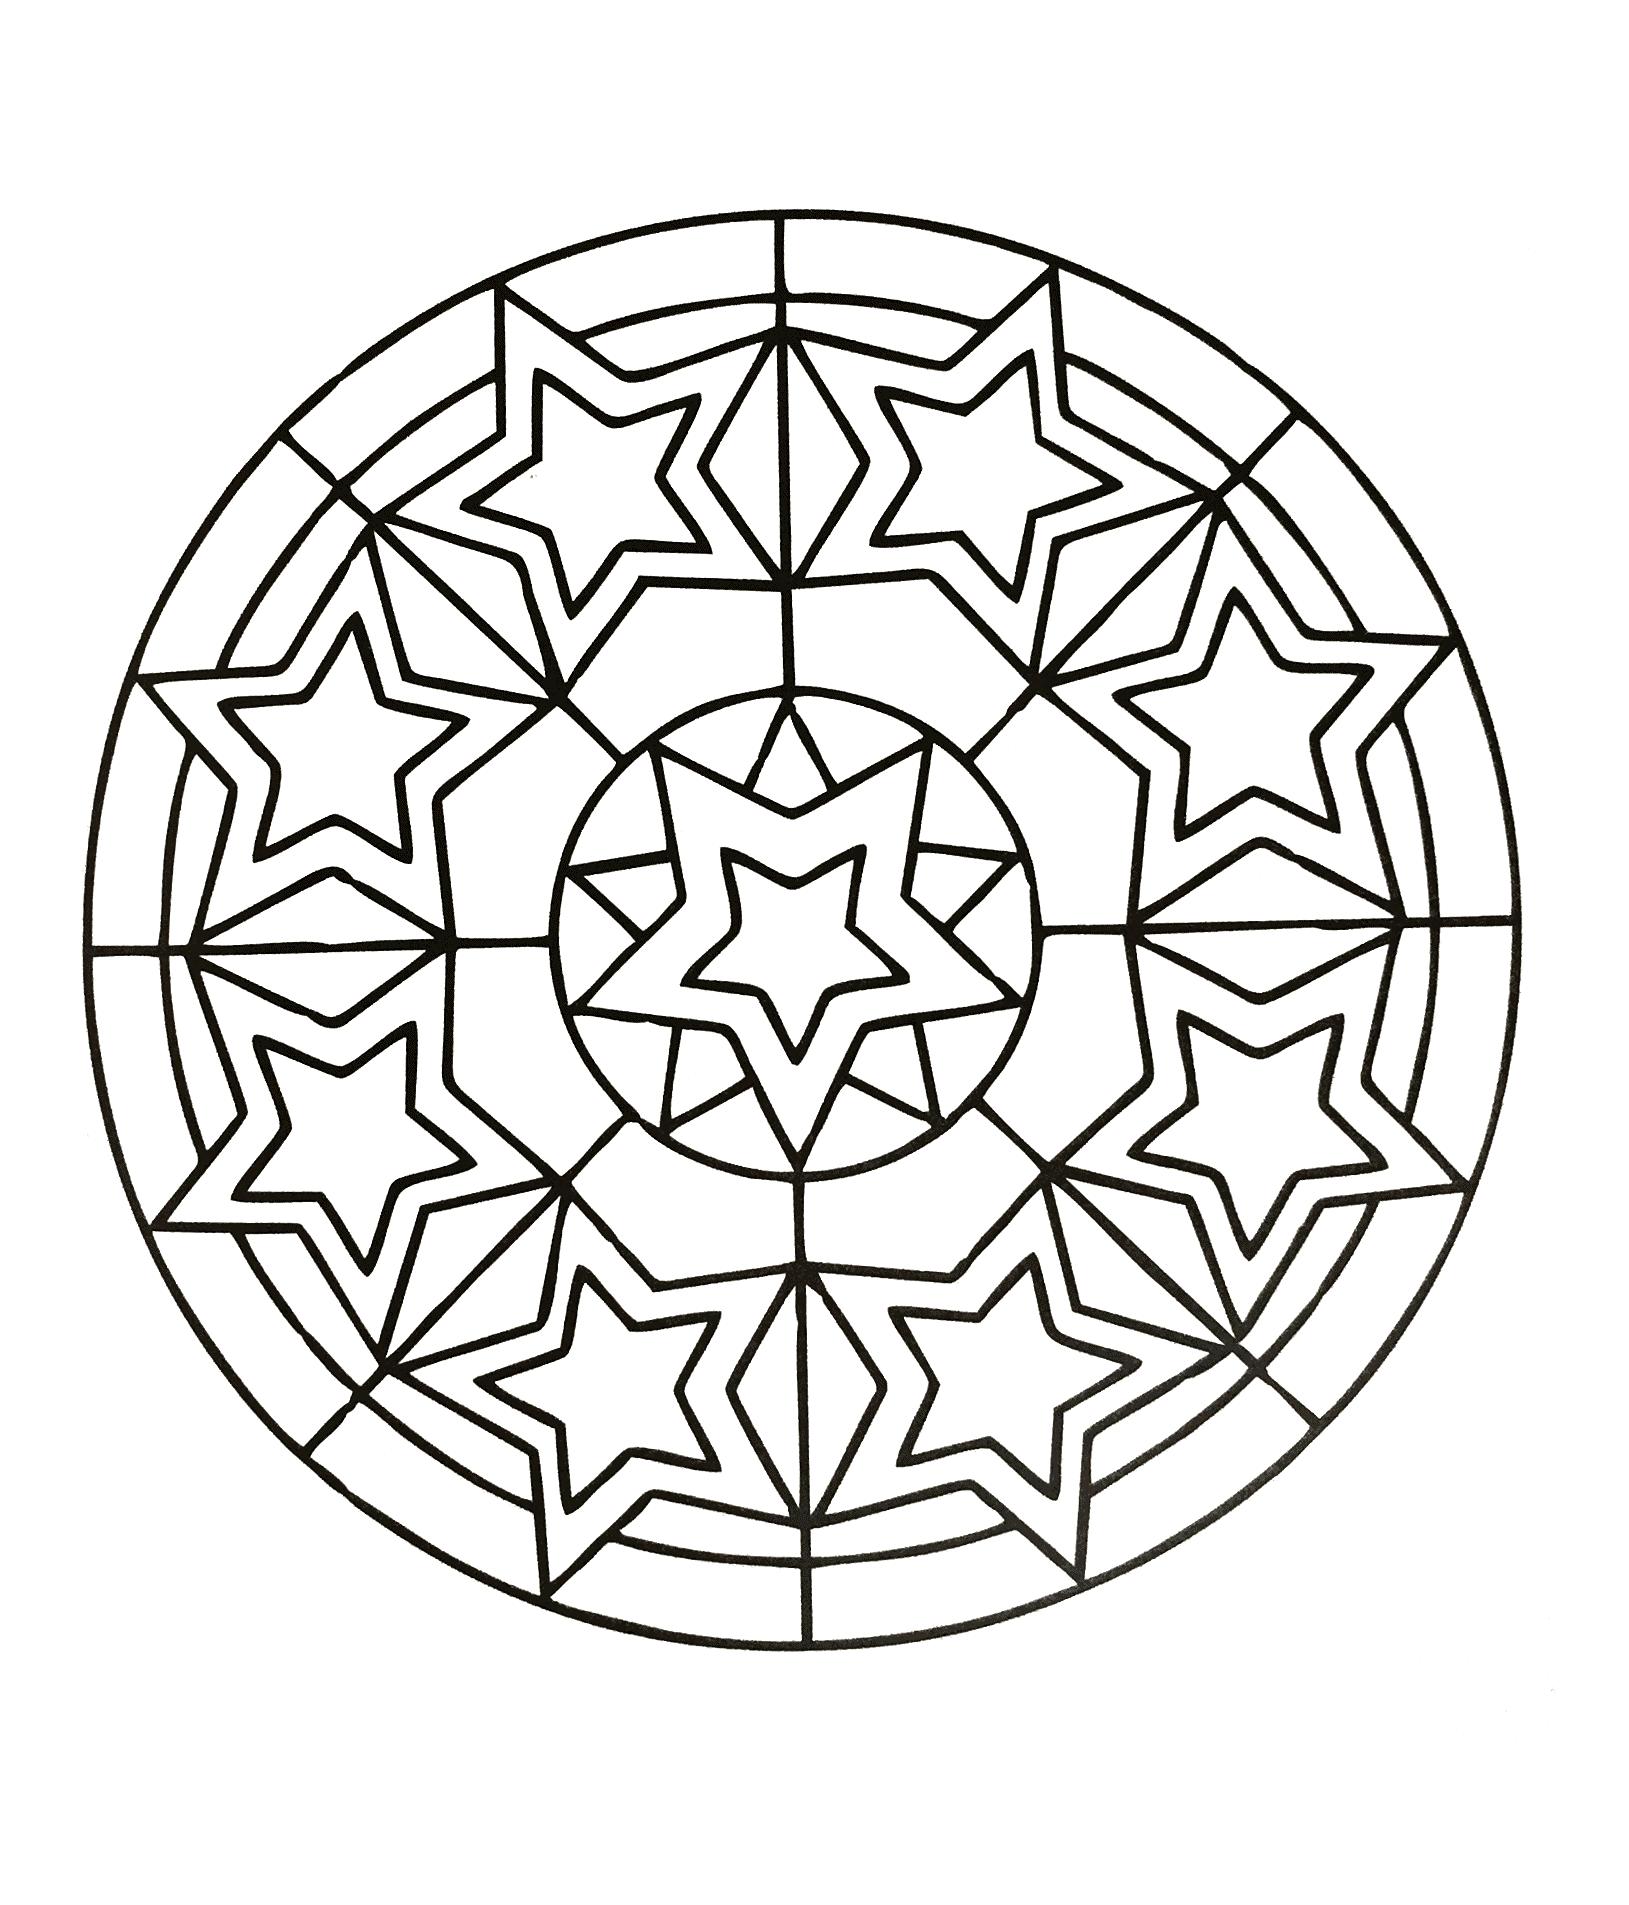 Mandalas a imprimer 52 coloriage mandalas coloriages - Coloriage a imprimer mandala gratuit ...